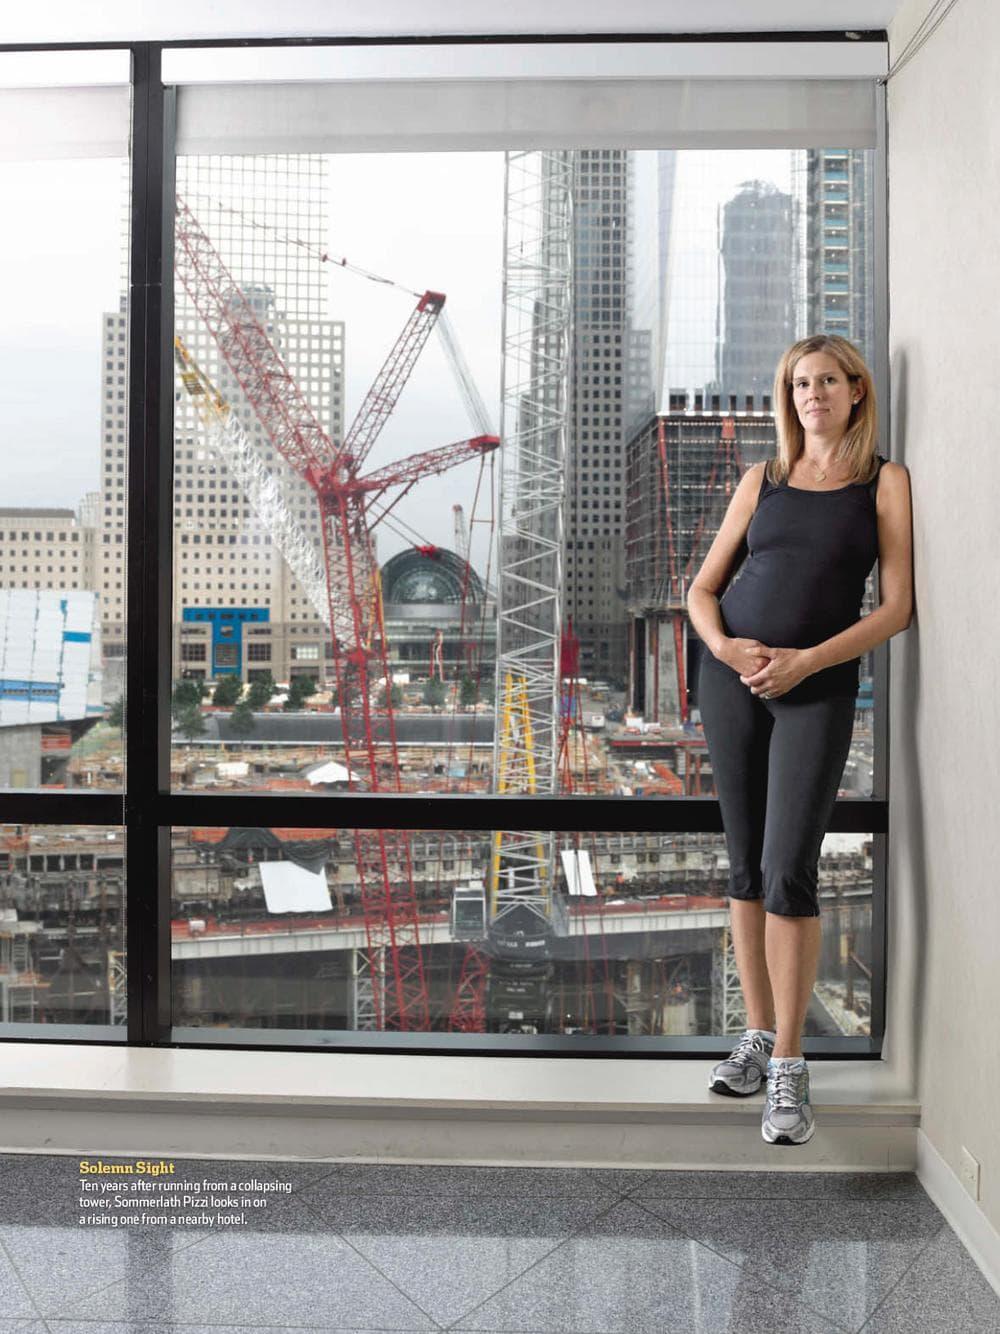 Ann Sommerlath Pizzi shared her experiences after 9/11 in Runner's World Magazine. (Grant Delin/Runner's World)